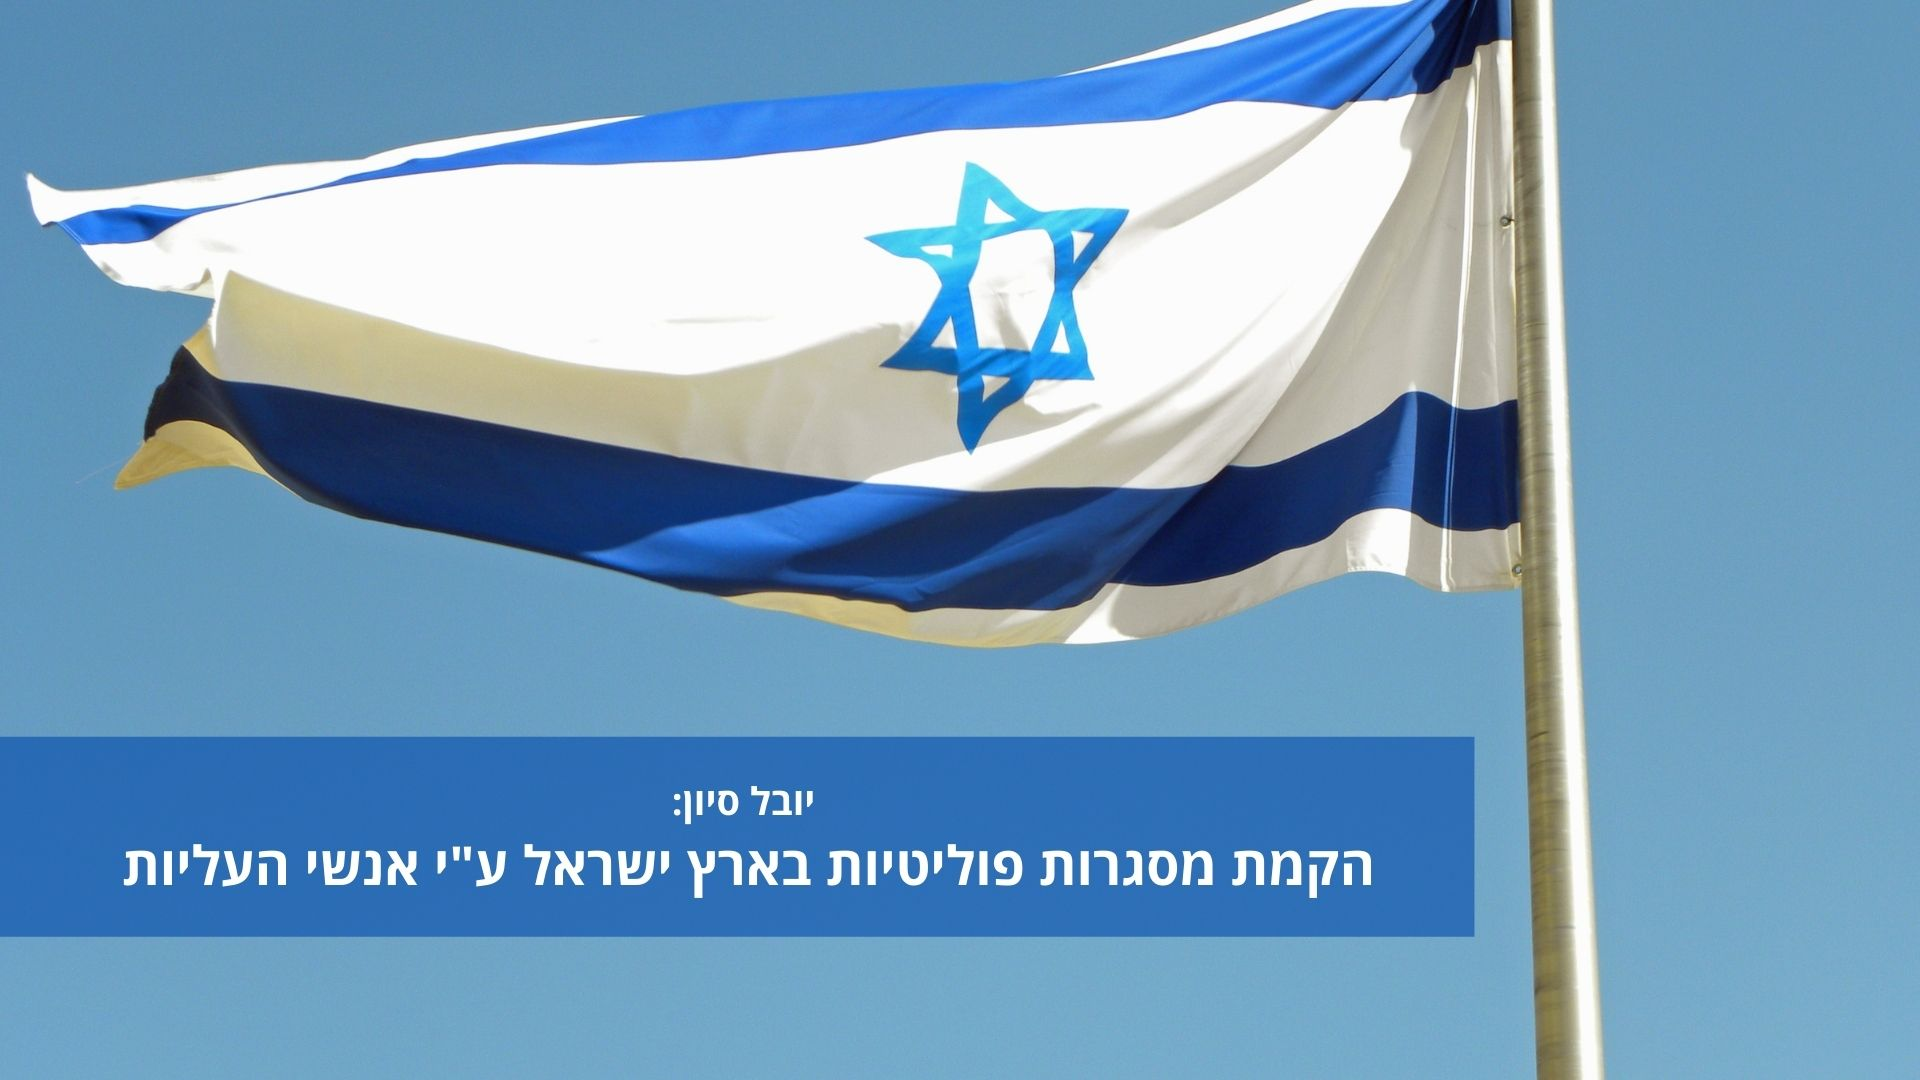 """יובל סיון - הקמת מסגרות פוליטיות בארץ ישראל ע""""י אנשי העליות"""